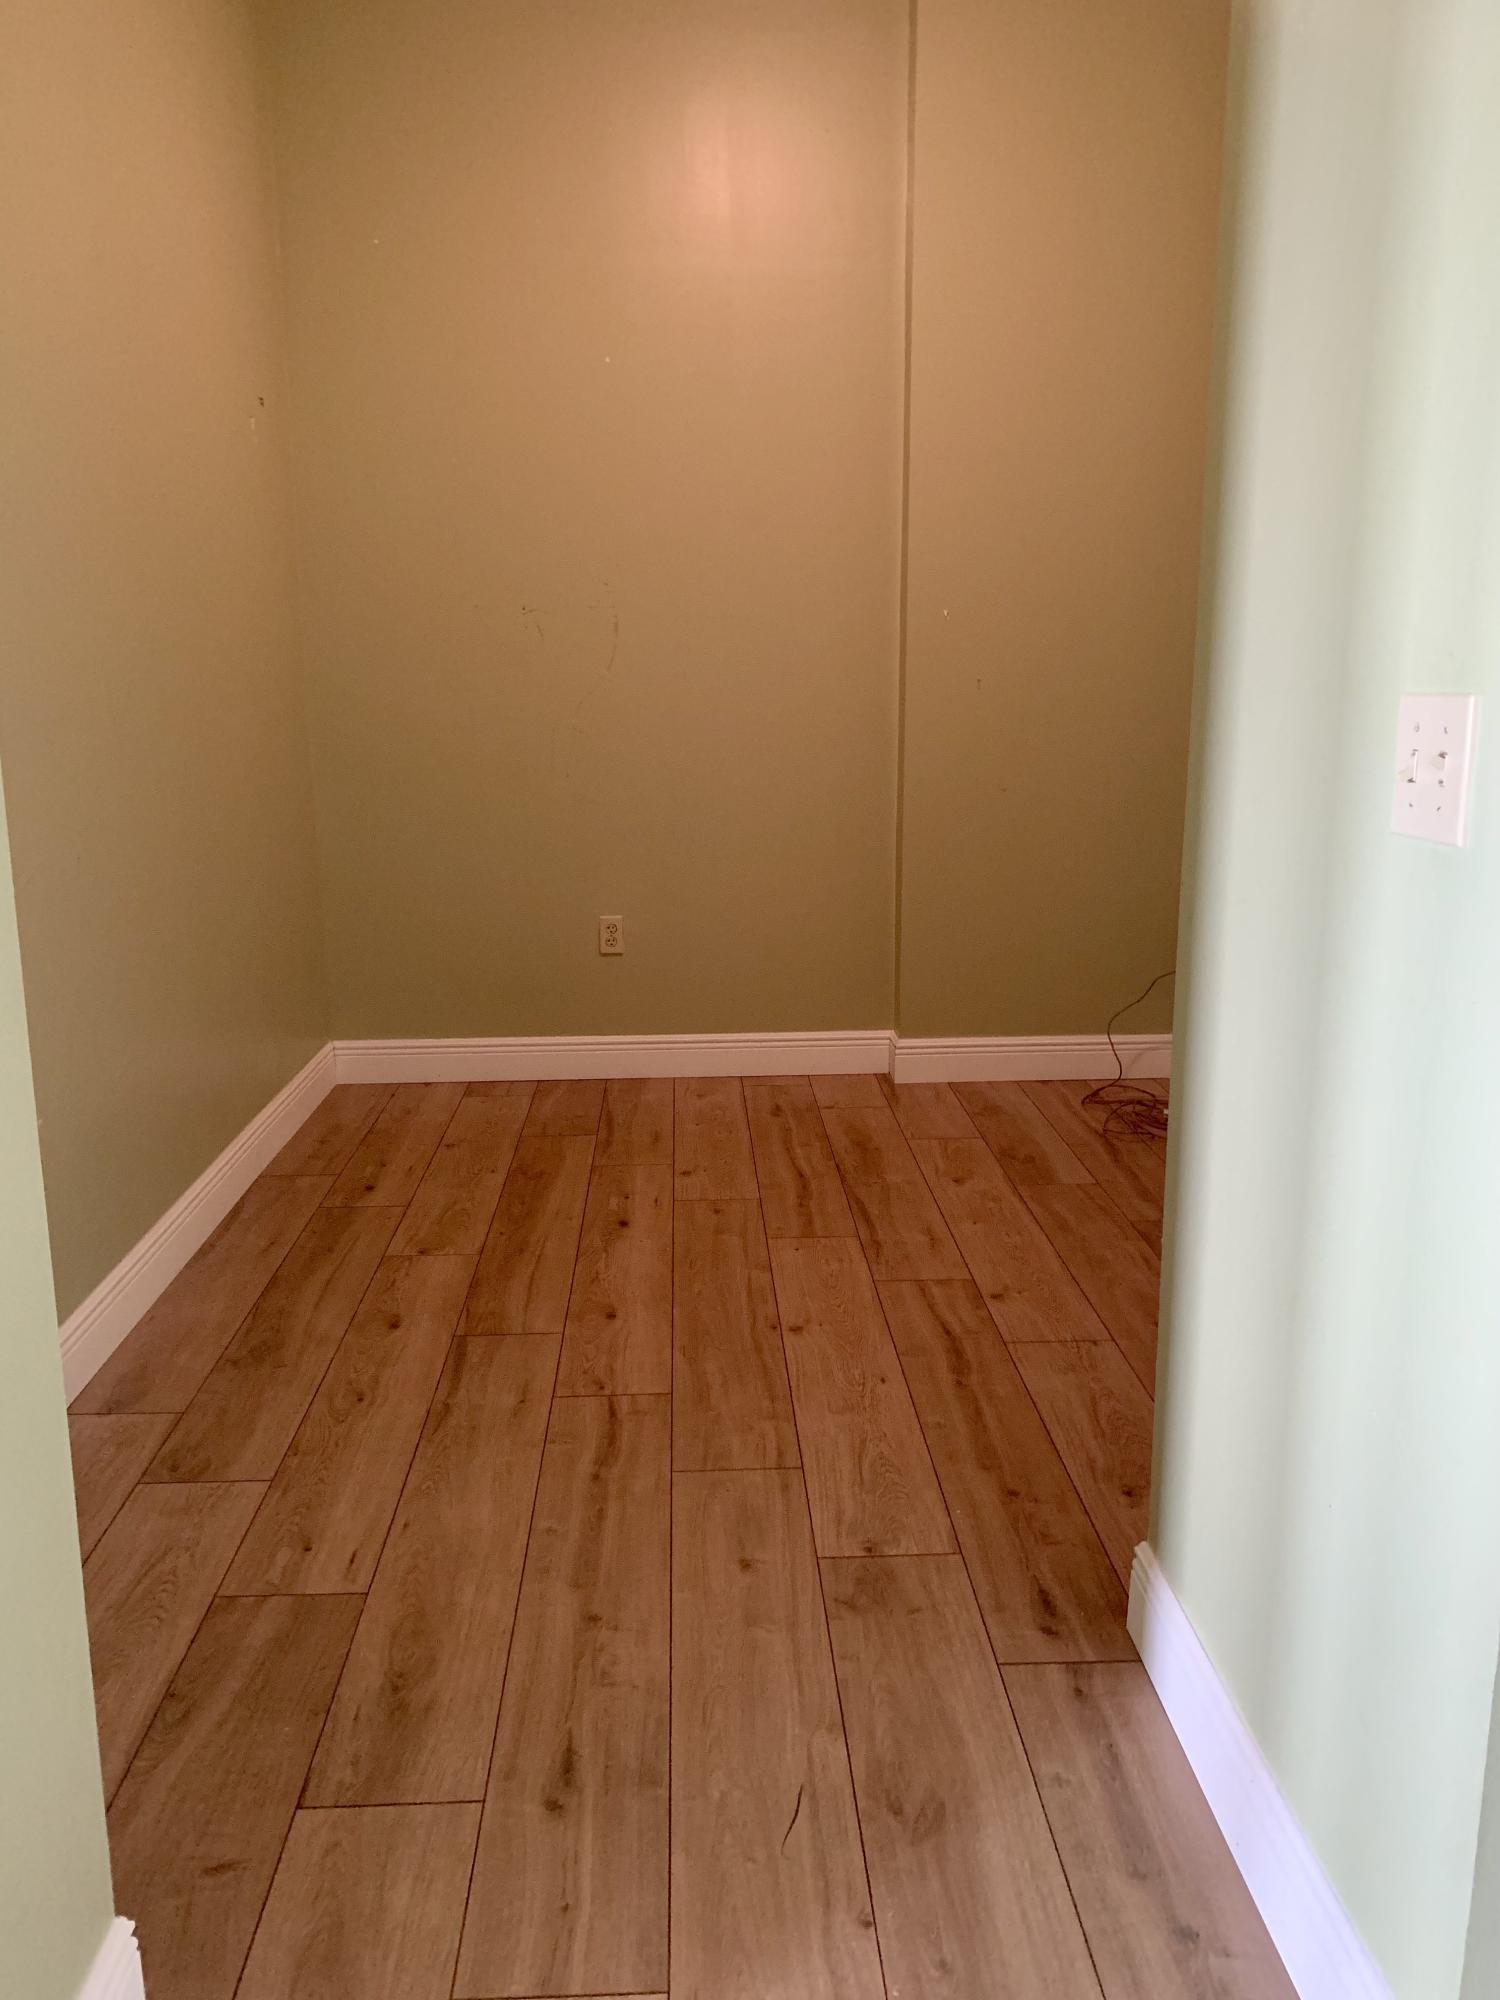 Flex room after new flooring